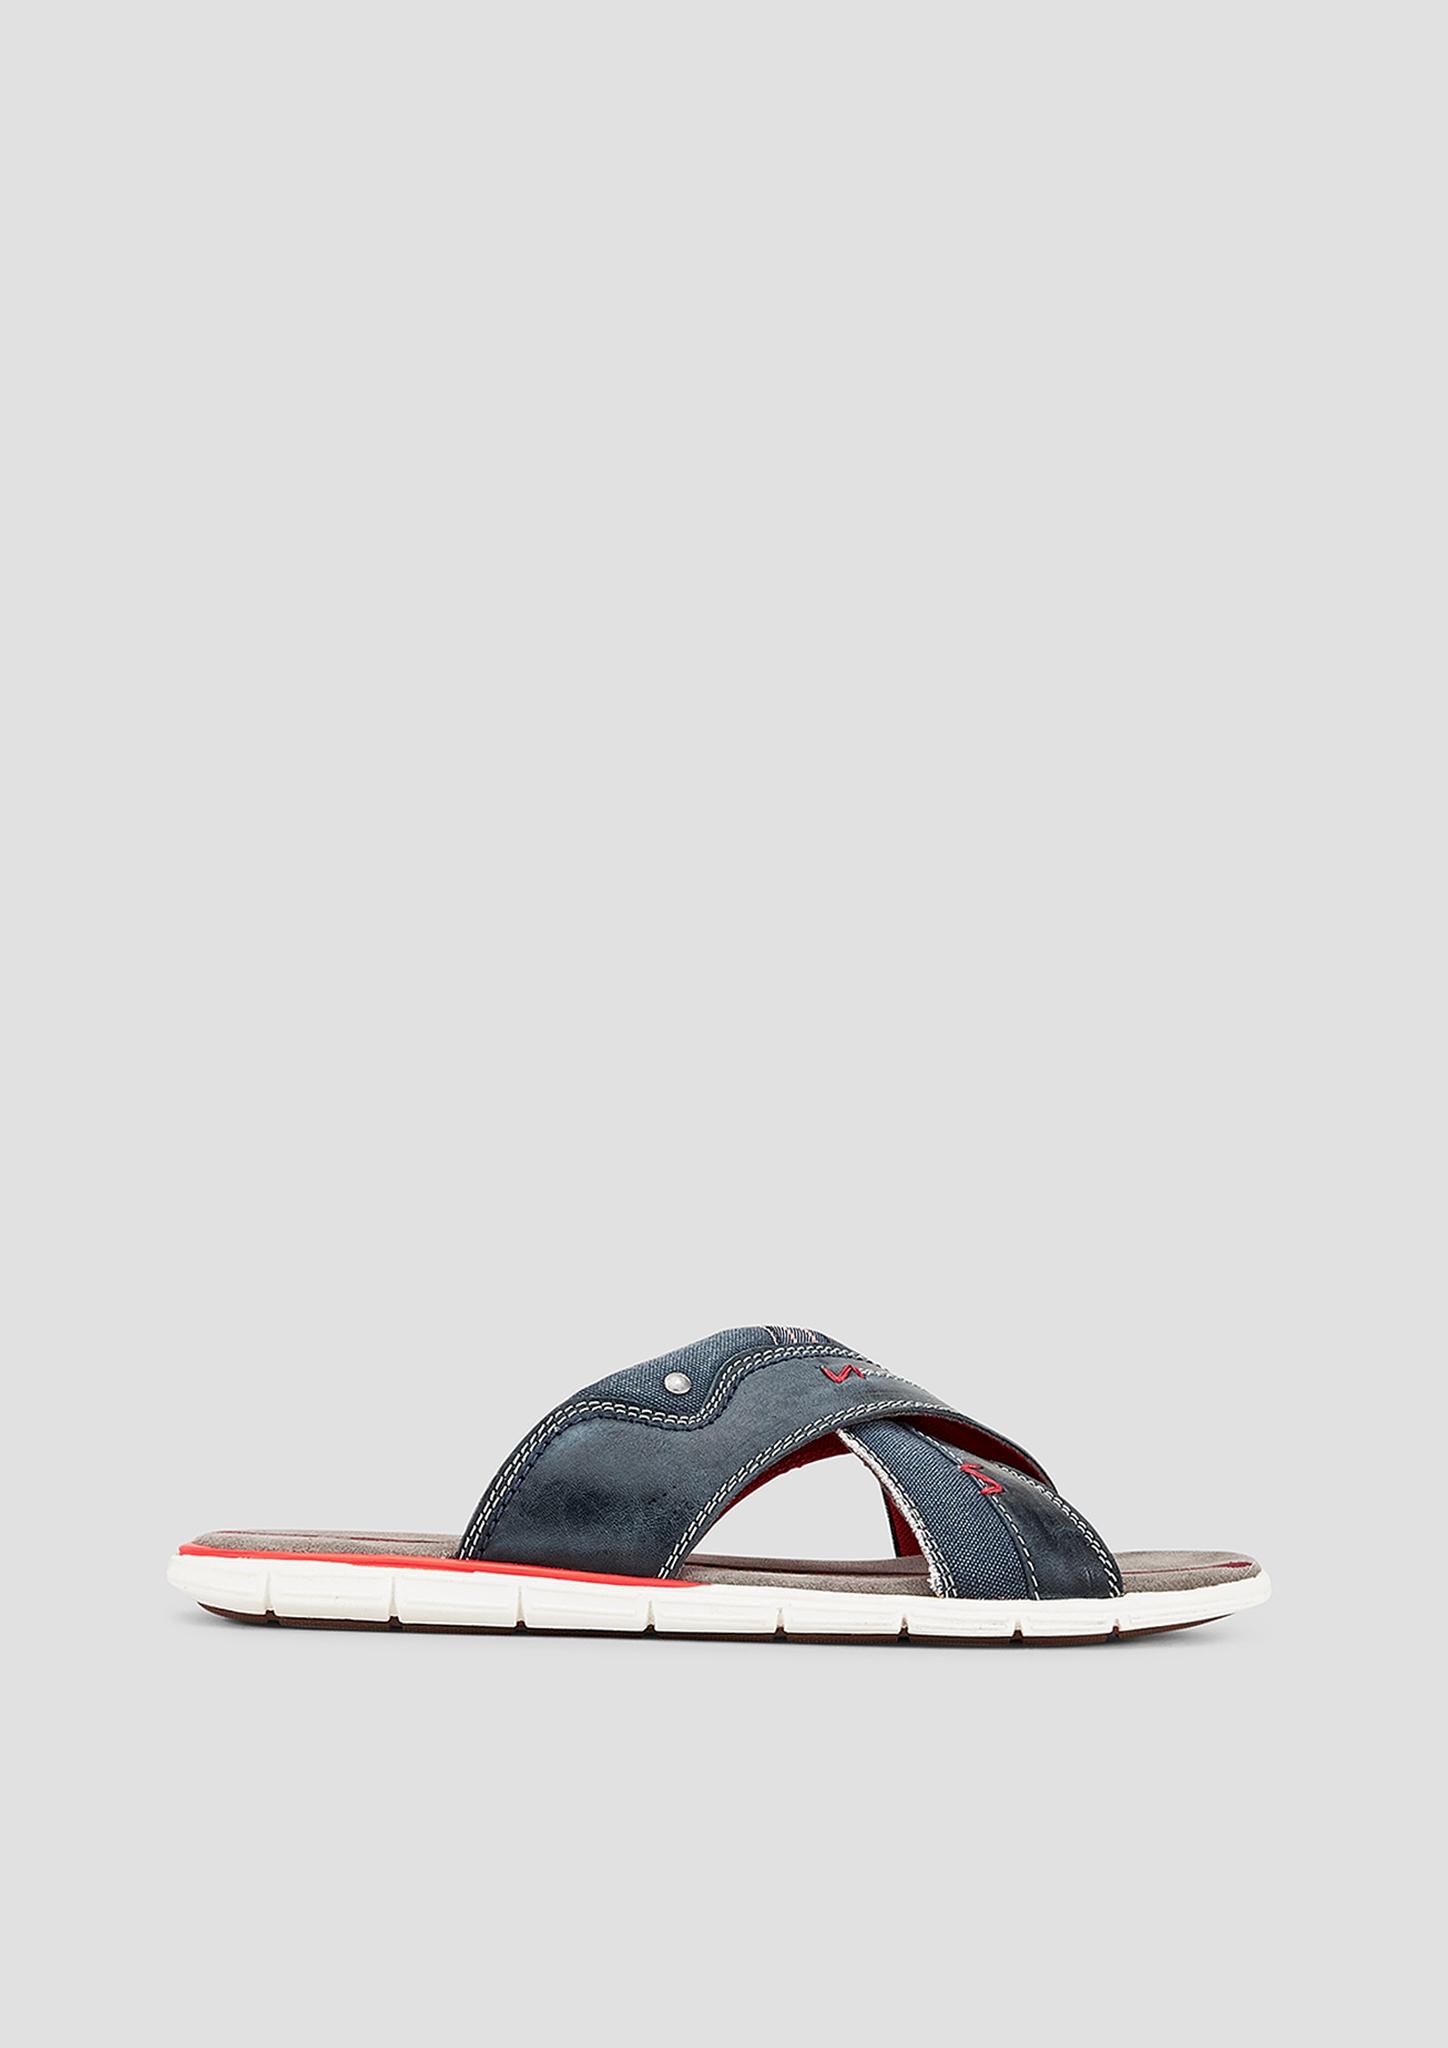 Pantoletten | Schuhe > Clogs & Pantoletten > Pantoletten | Blau | Obermaterial aus echtleder und textil| futter aus textil| decksohle aus echtleder| laufsohle aus synthetik | s.Oliver